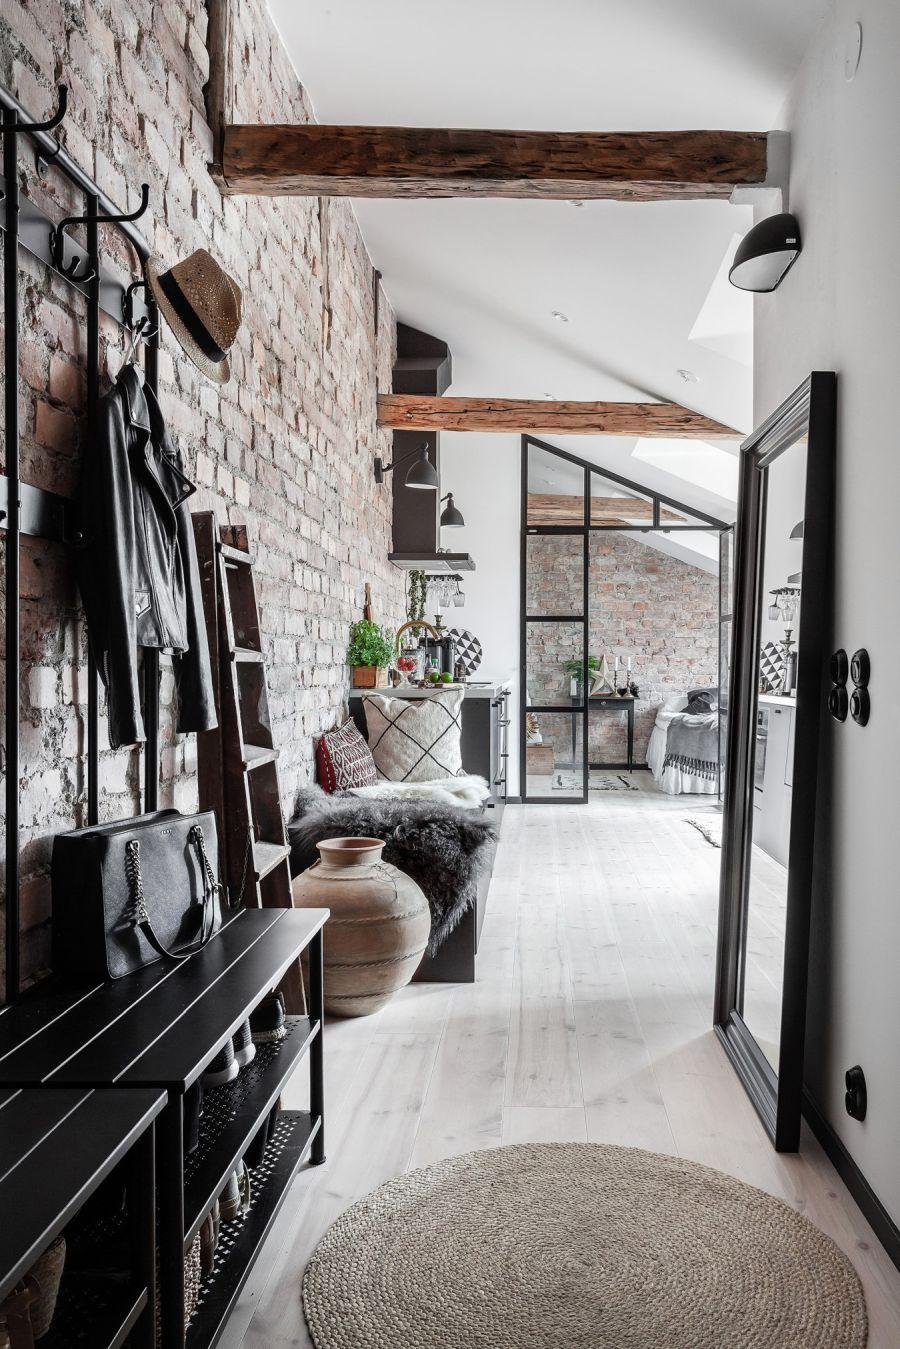 Mieszkanie na poddaszu w loftowym klimacie, wystrój wnętrz, wnętrza, urządzanie domu, dekoracje wnętrz, aranżacja wnętrz, inspiracje wnętrz,interior design , dom i wnętrze, aranżacja mieszkania, modne wnętrza, loft, styl industrialny, czerń i biel, black and white, poddasze, mieszkanie na poddaszu,